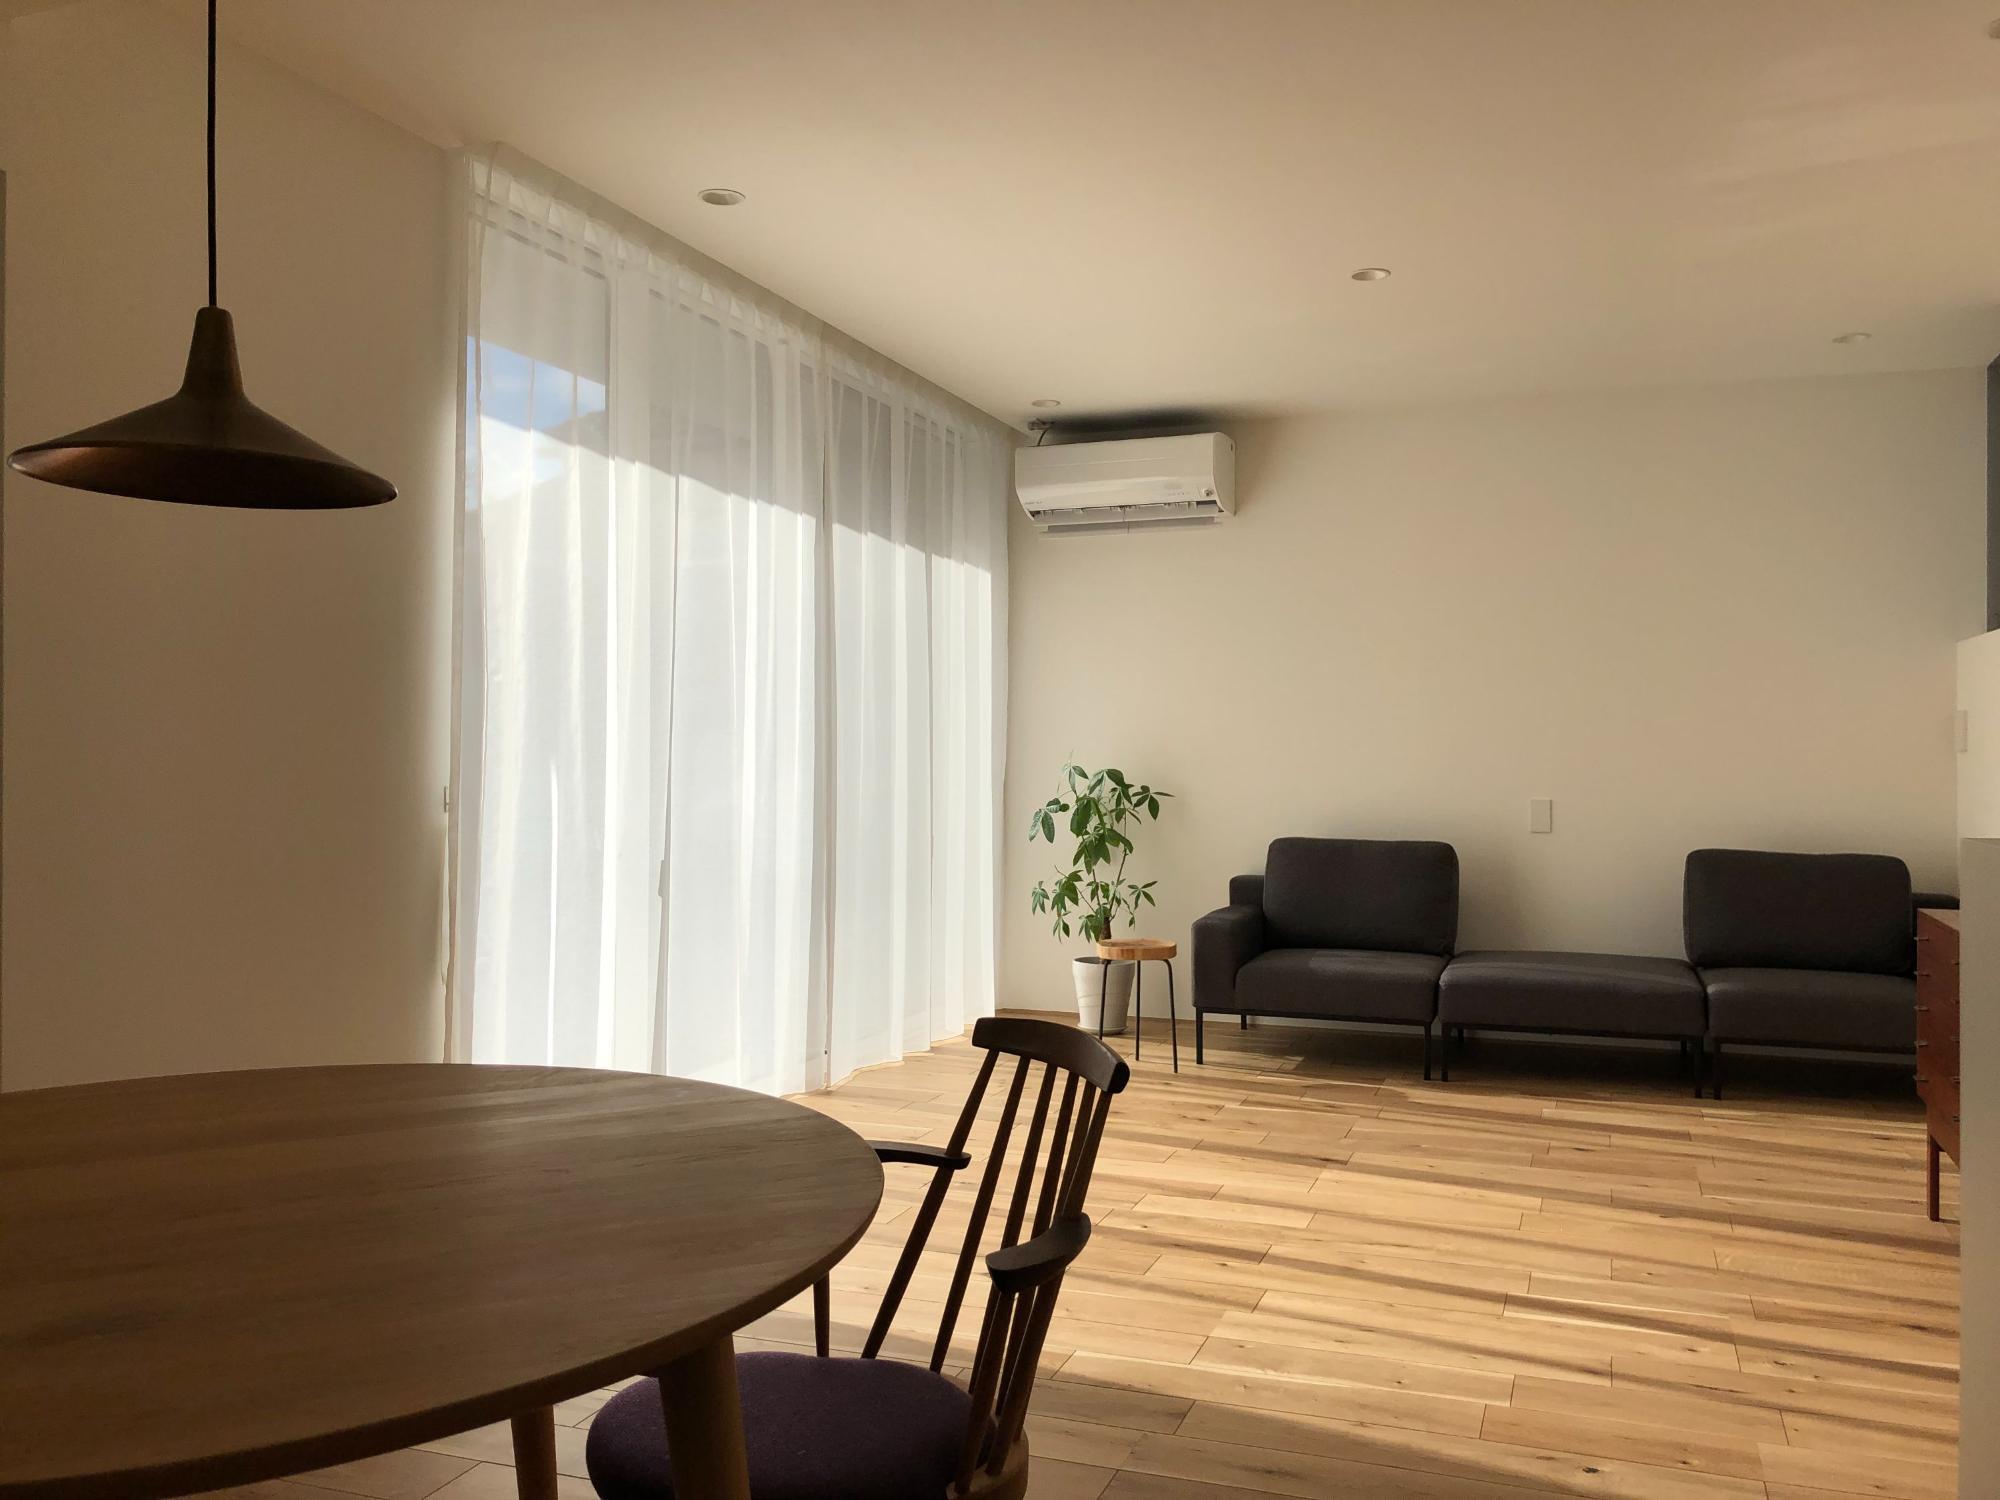 株式会社あかがわ建築設計室「静穏の家」のシンプル・ナチュラル・モダン・北欧風なリビング・ダイニングの実例写真